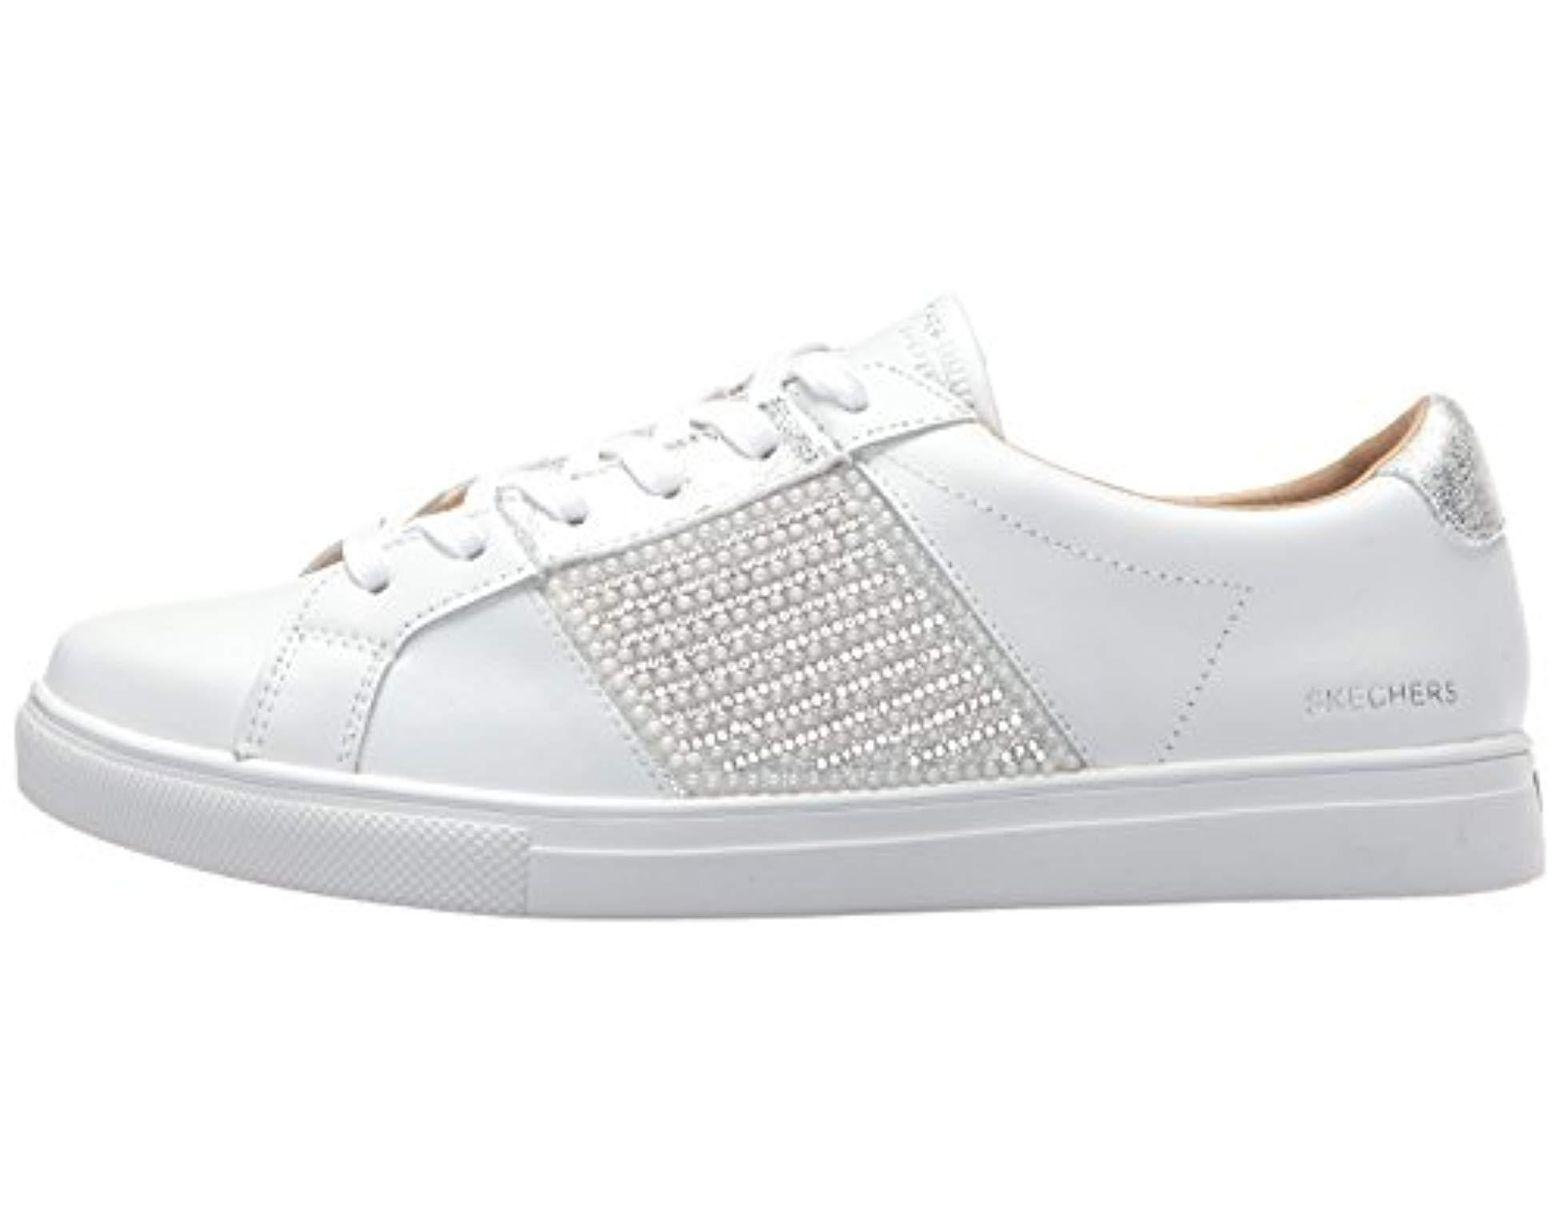 0c03e1c0de8a Lyst - Skechers Moda-pearl Rhinestone Quarter Fashion Sneaker in White -  Save 9%